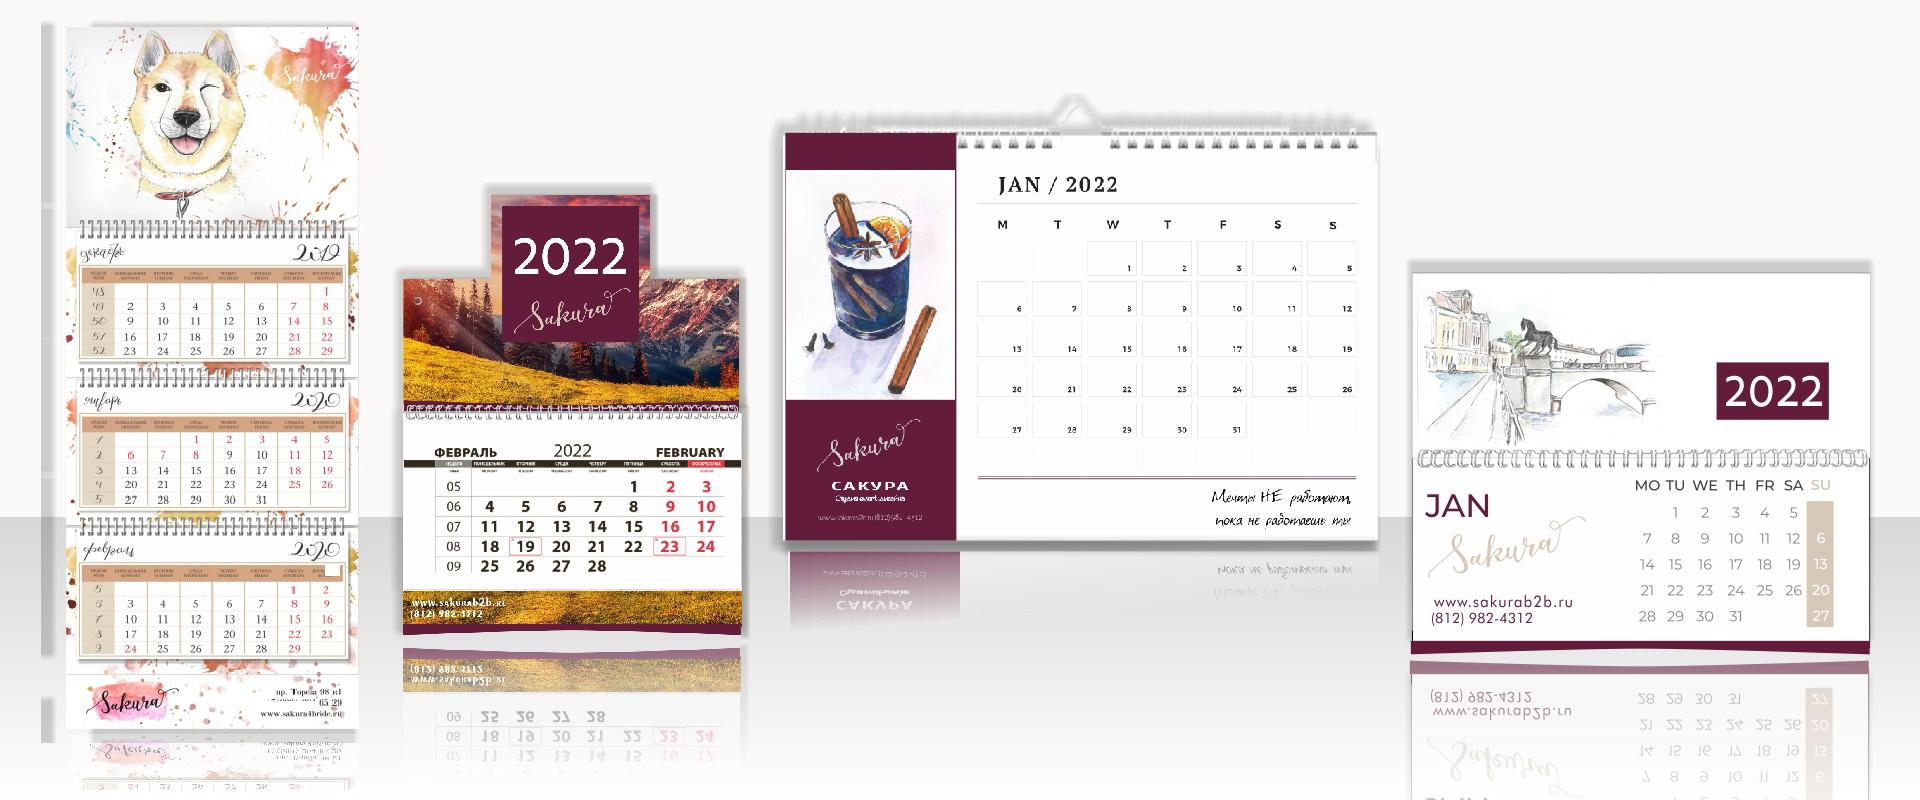 Разработаем и подготовим к производству макеты в фирменном стиле компании для квартальных календарей. Полный цикл производства. Купить квартальный корпоративный календарь в компании САКУРА